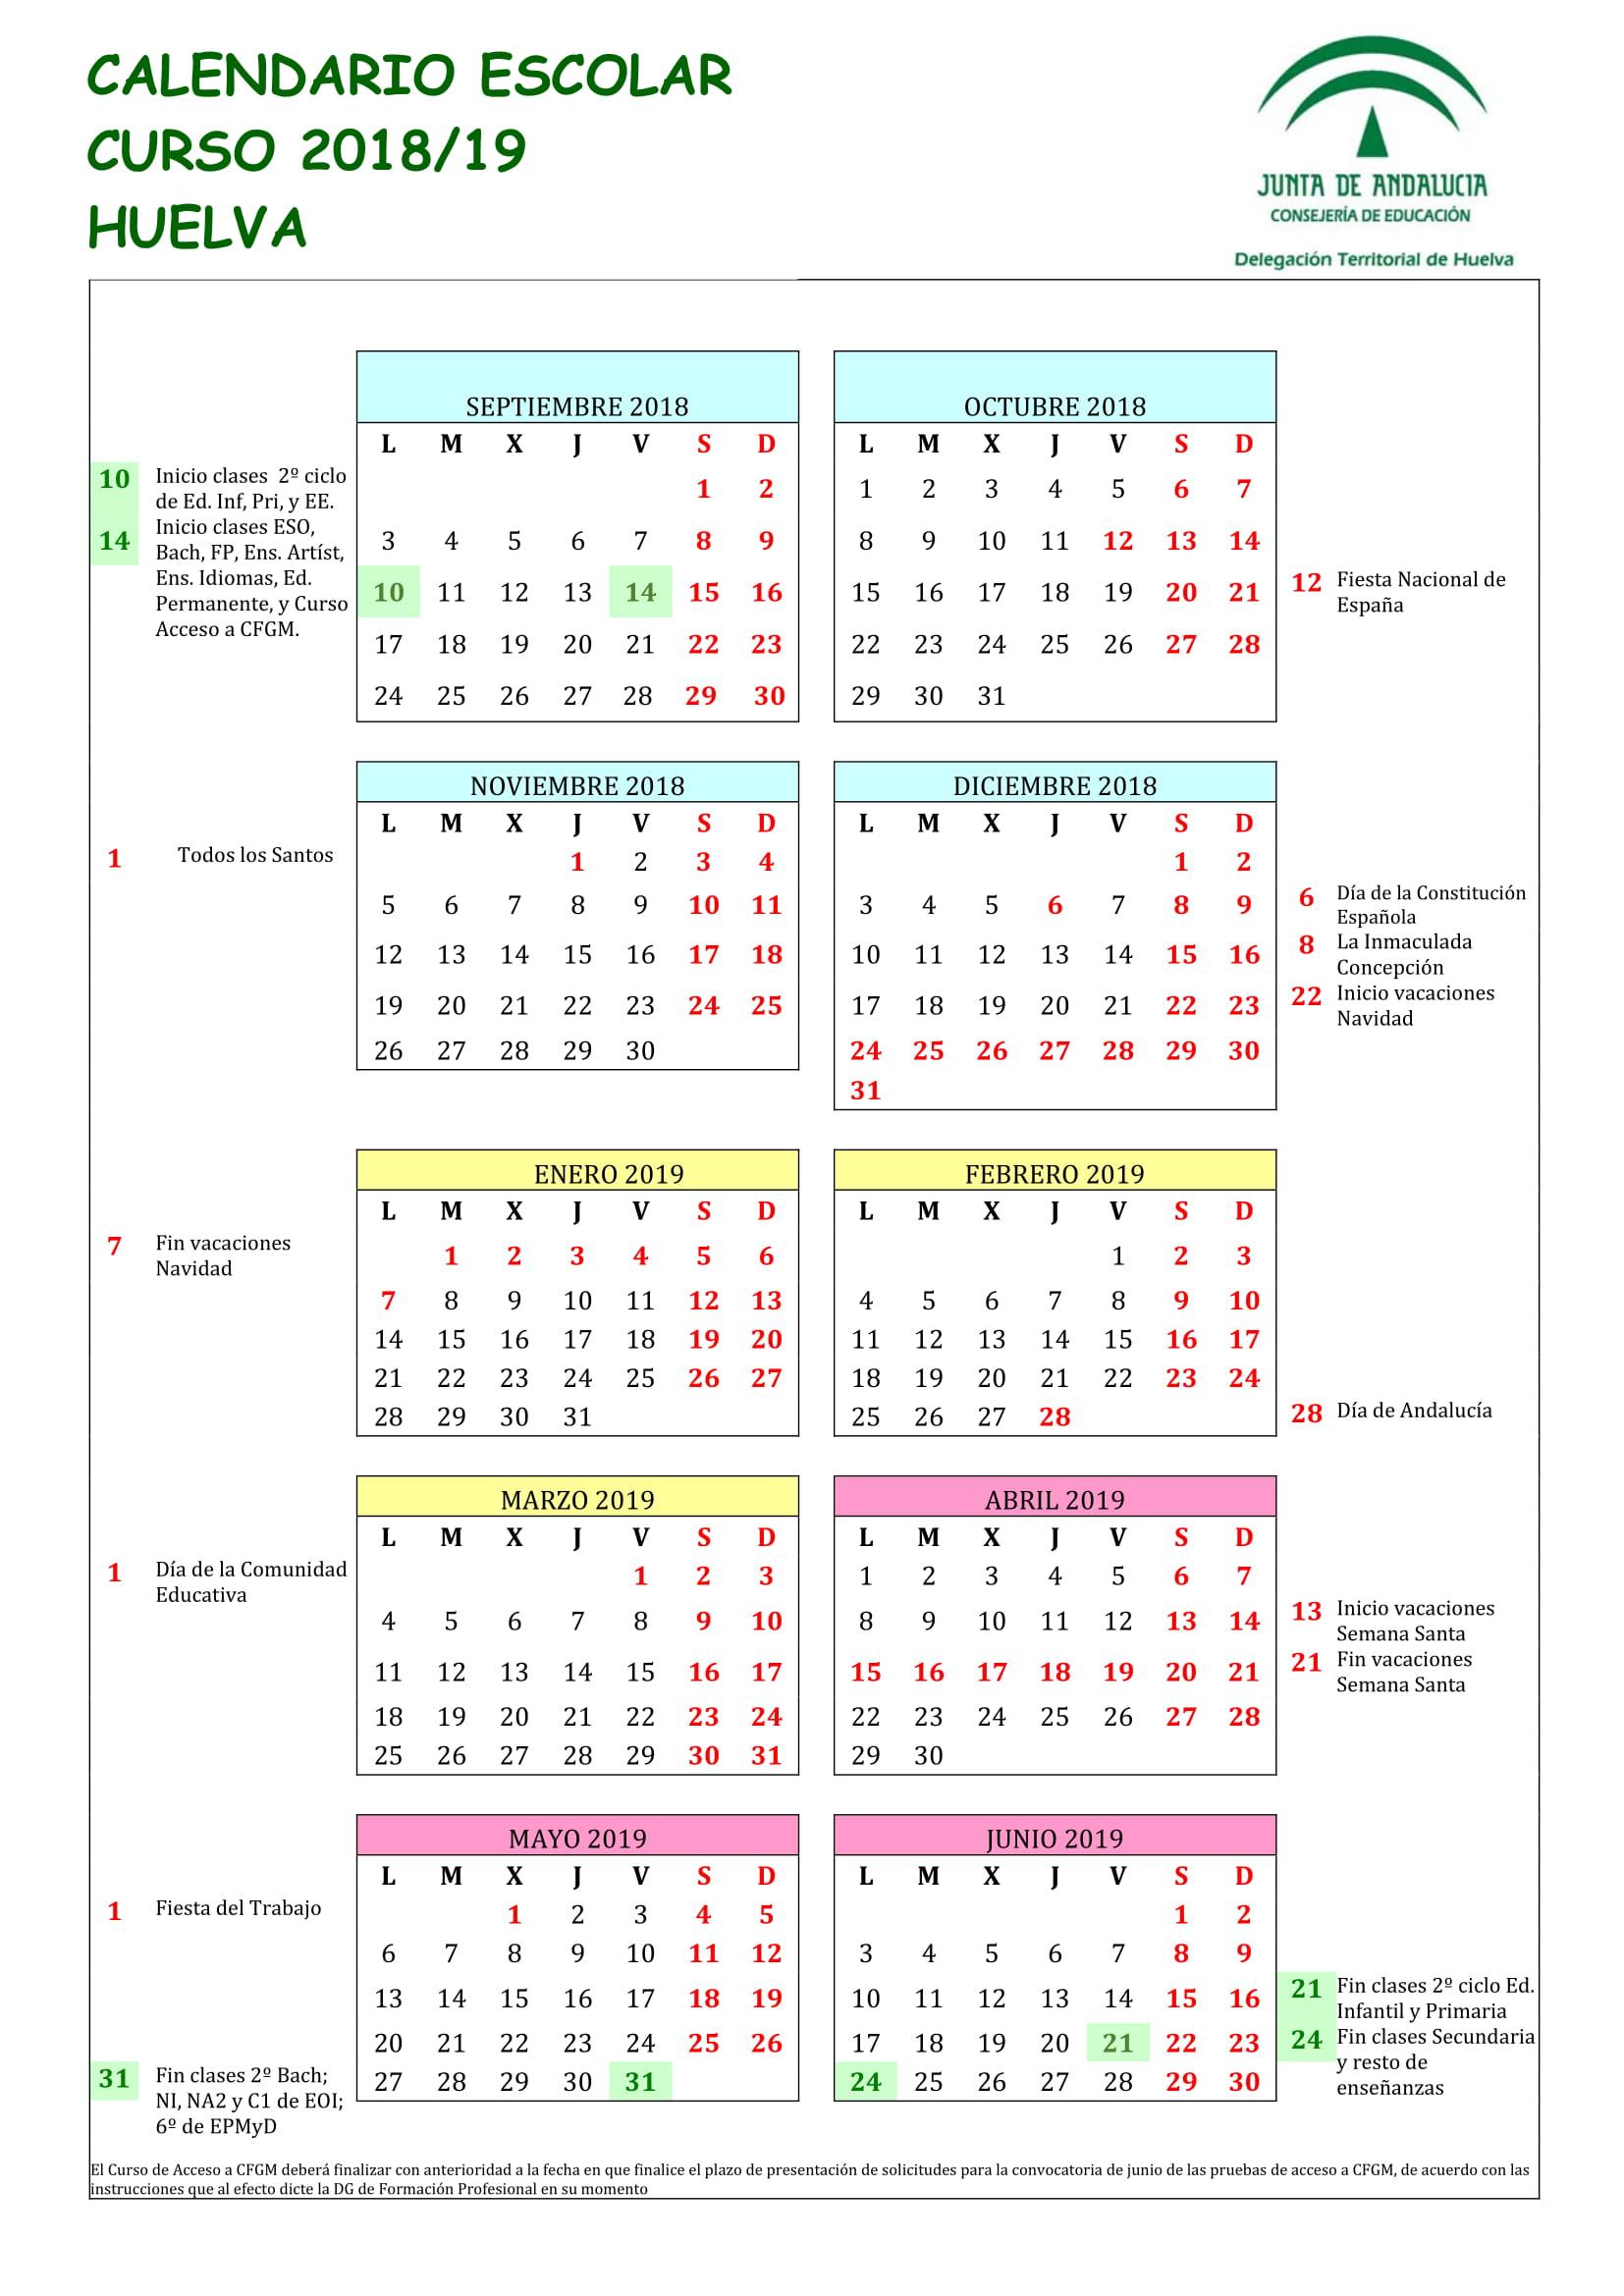 Calendario Escolar Huelva.Calendario Escolar Ceip Garcia Lorca Huelva